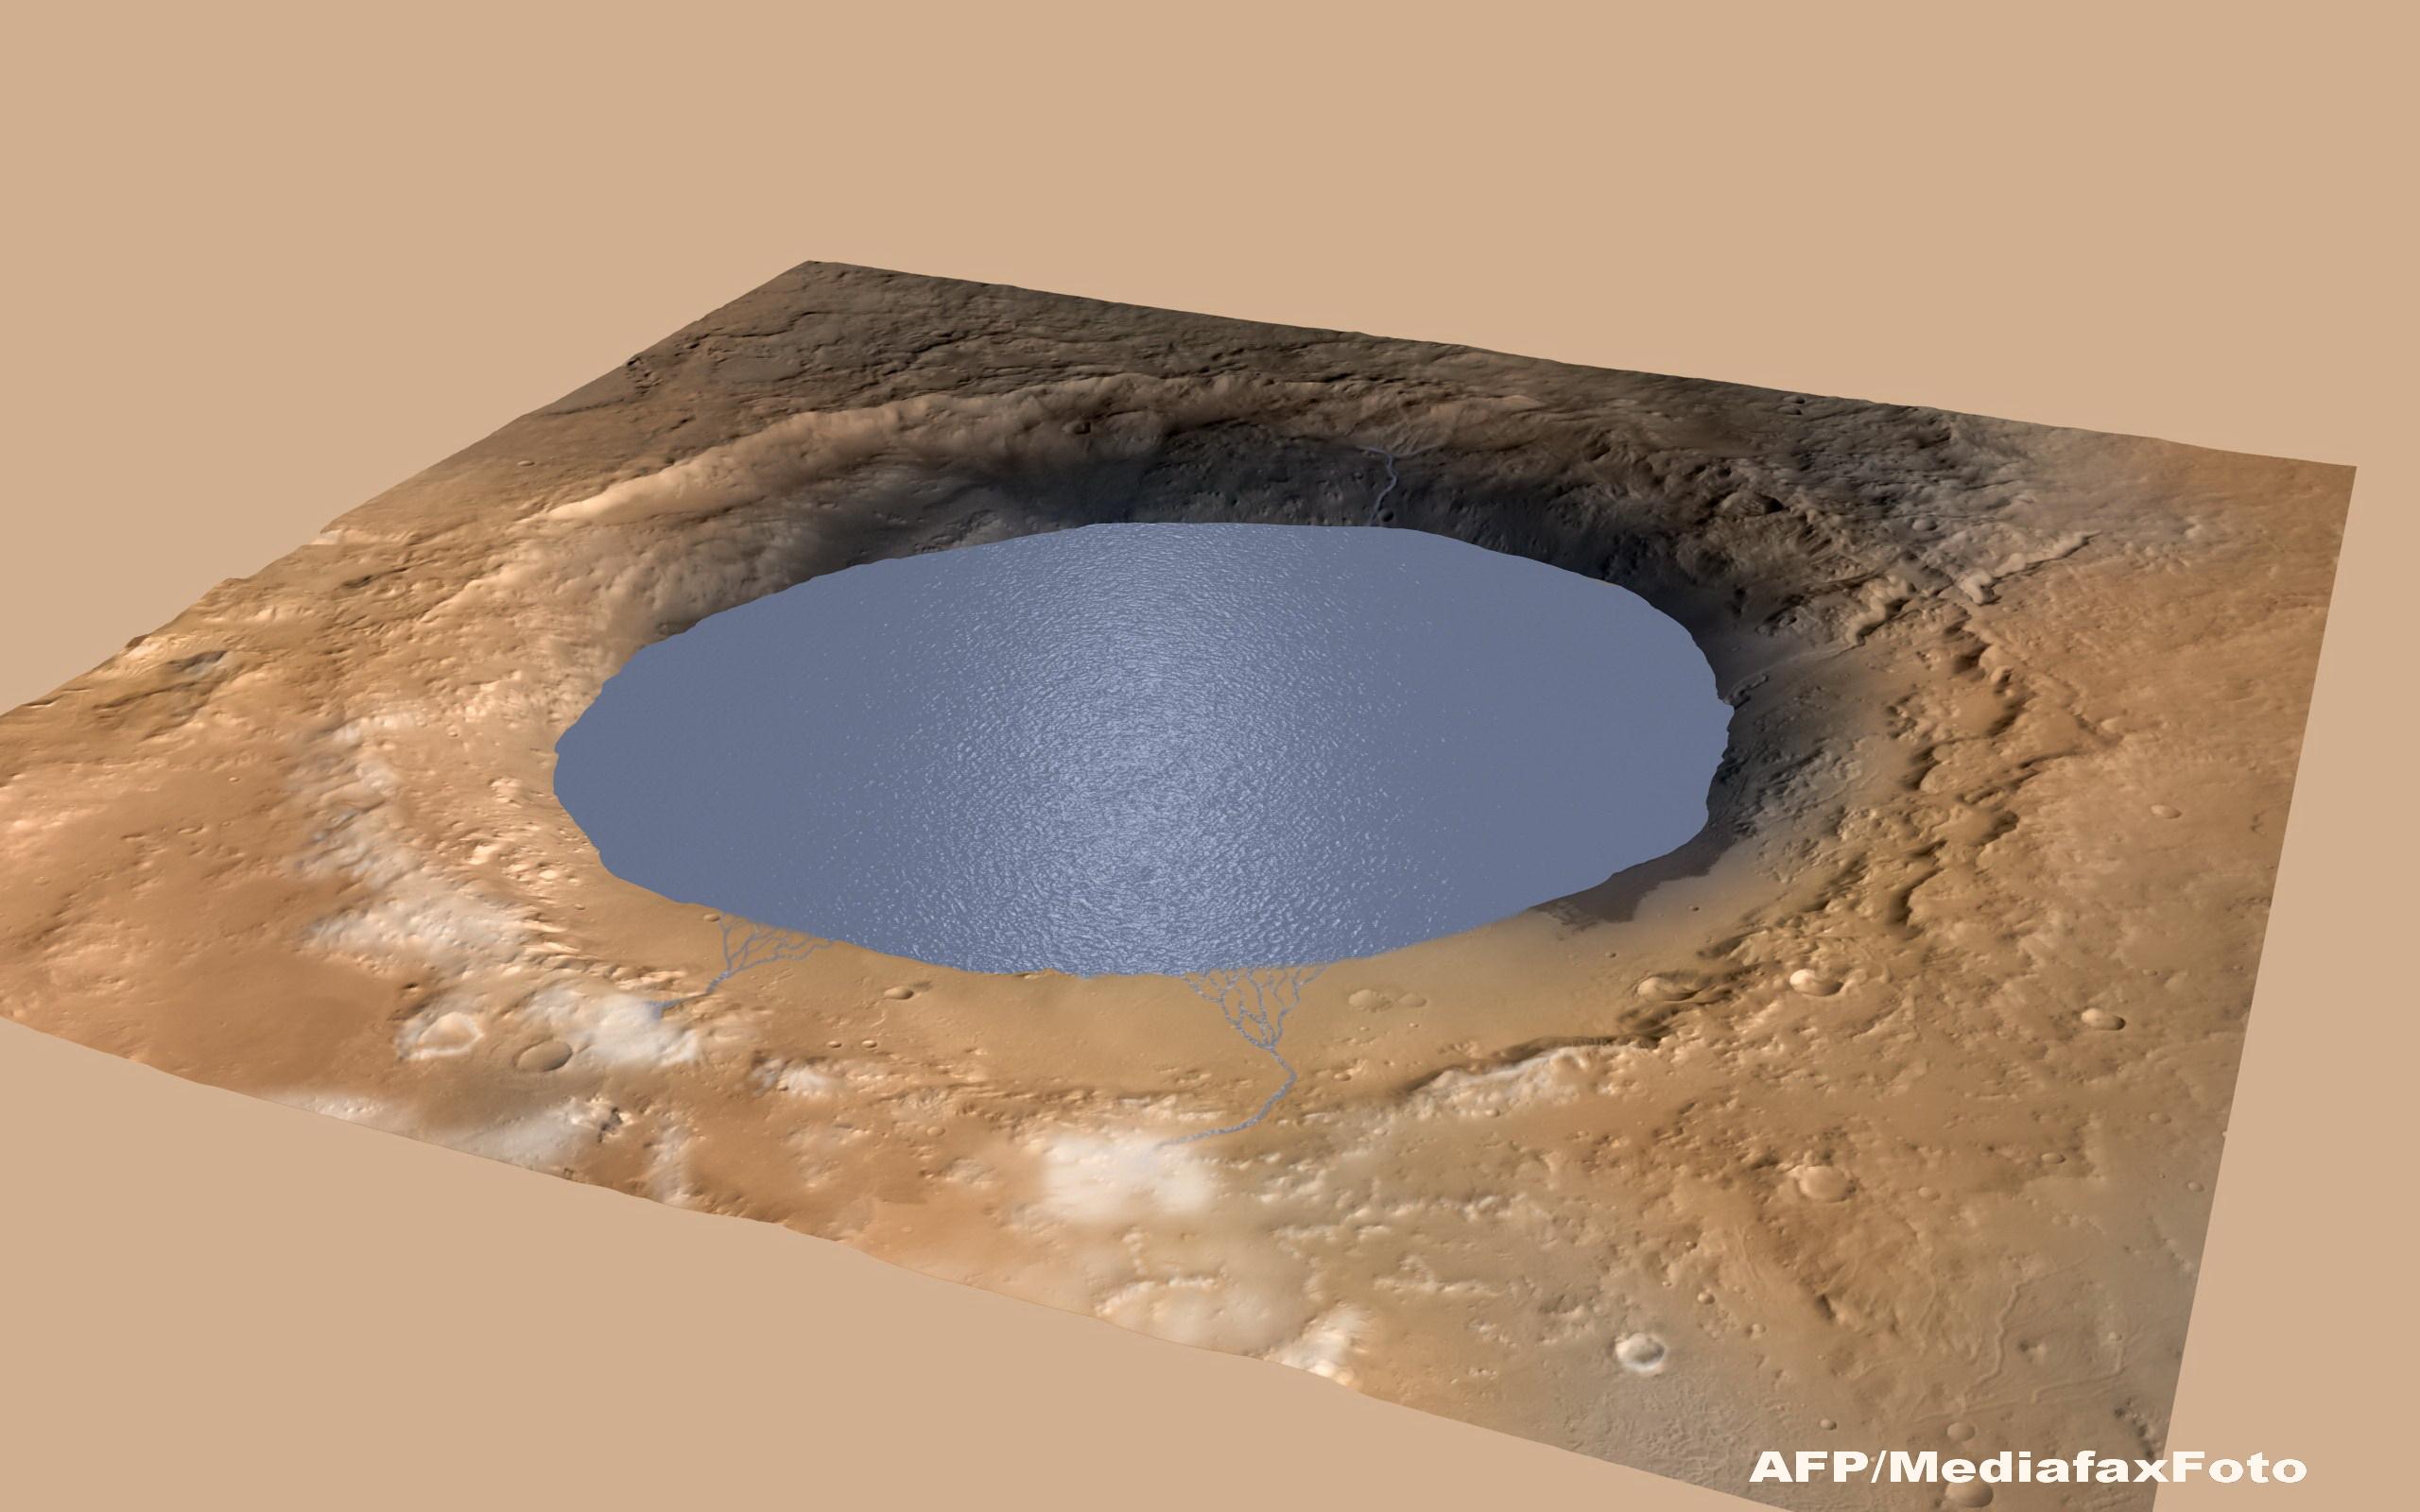 Robotul Curiosity a descoperit ca apa poate exista pe Marte in forma lichida. Ce inseamna acest lucru